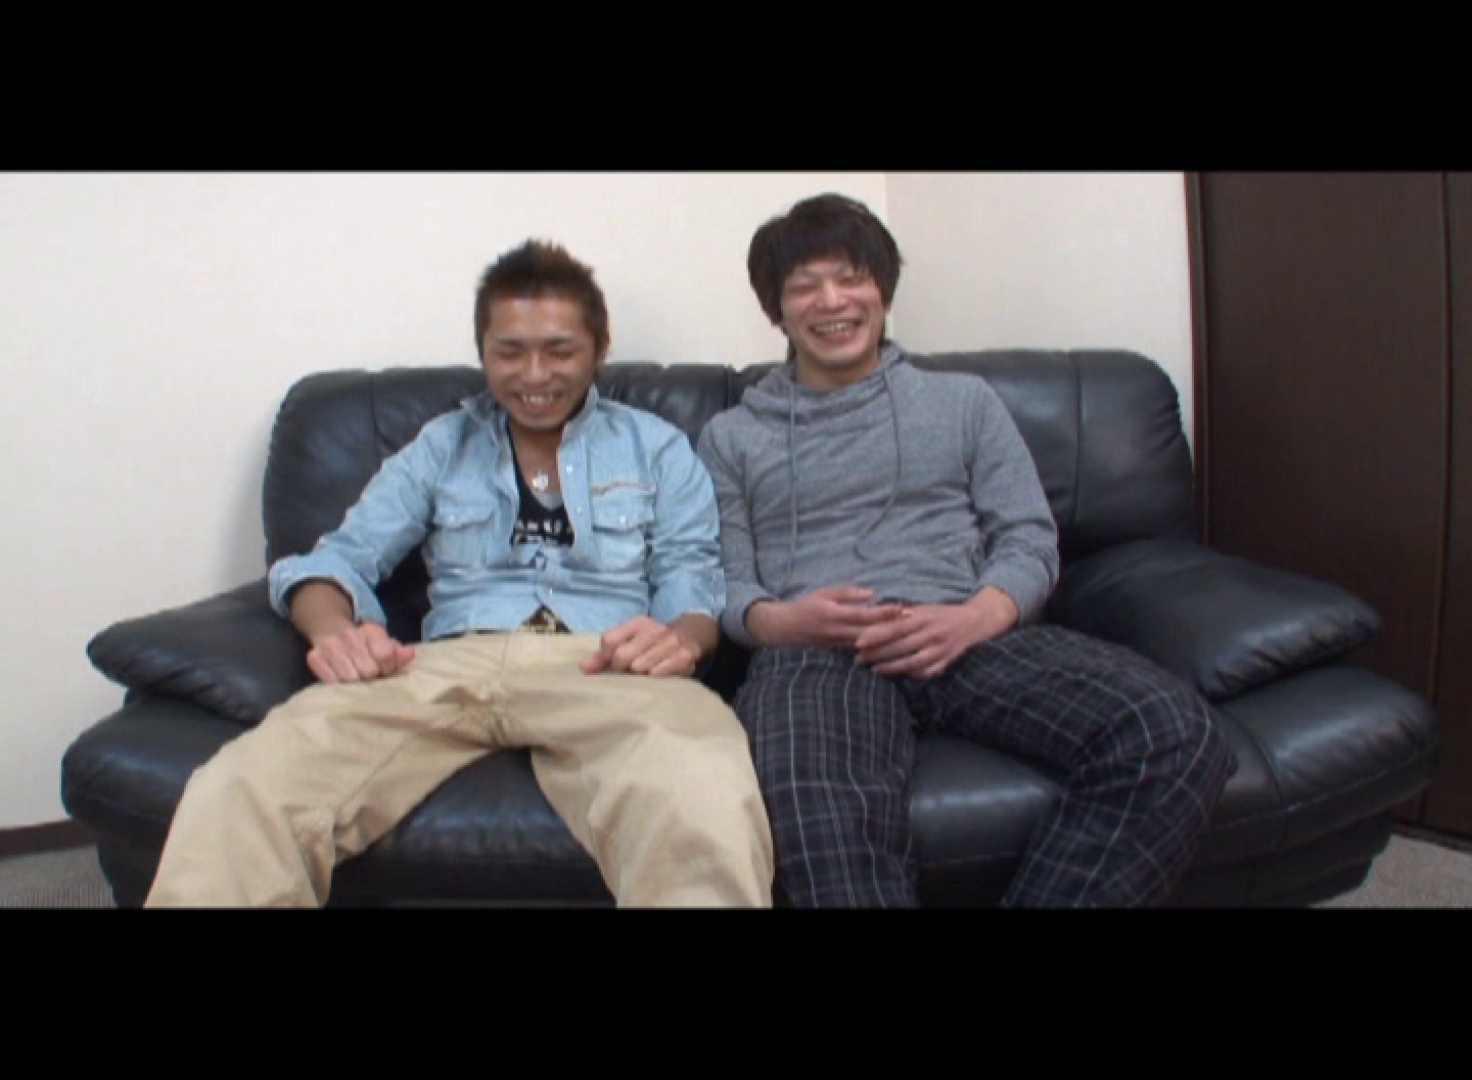 イケメンモッコリウォッチング!!No.09 ガチムチマッチョ系男子 ゲイフリーエロ画像 70枚 30